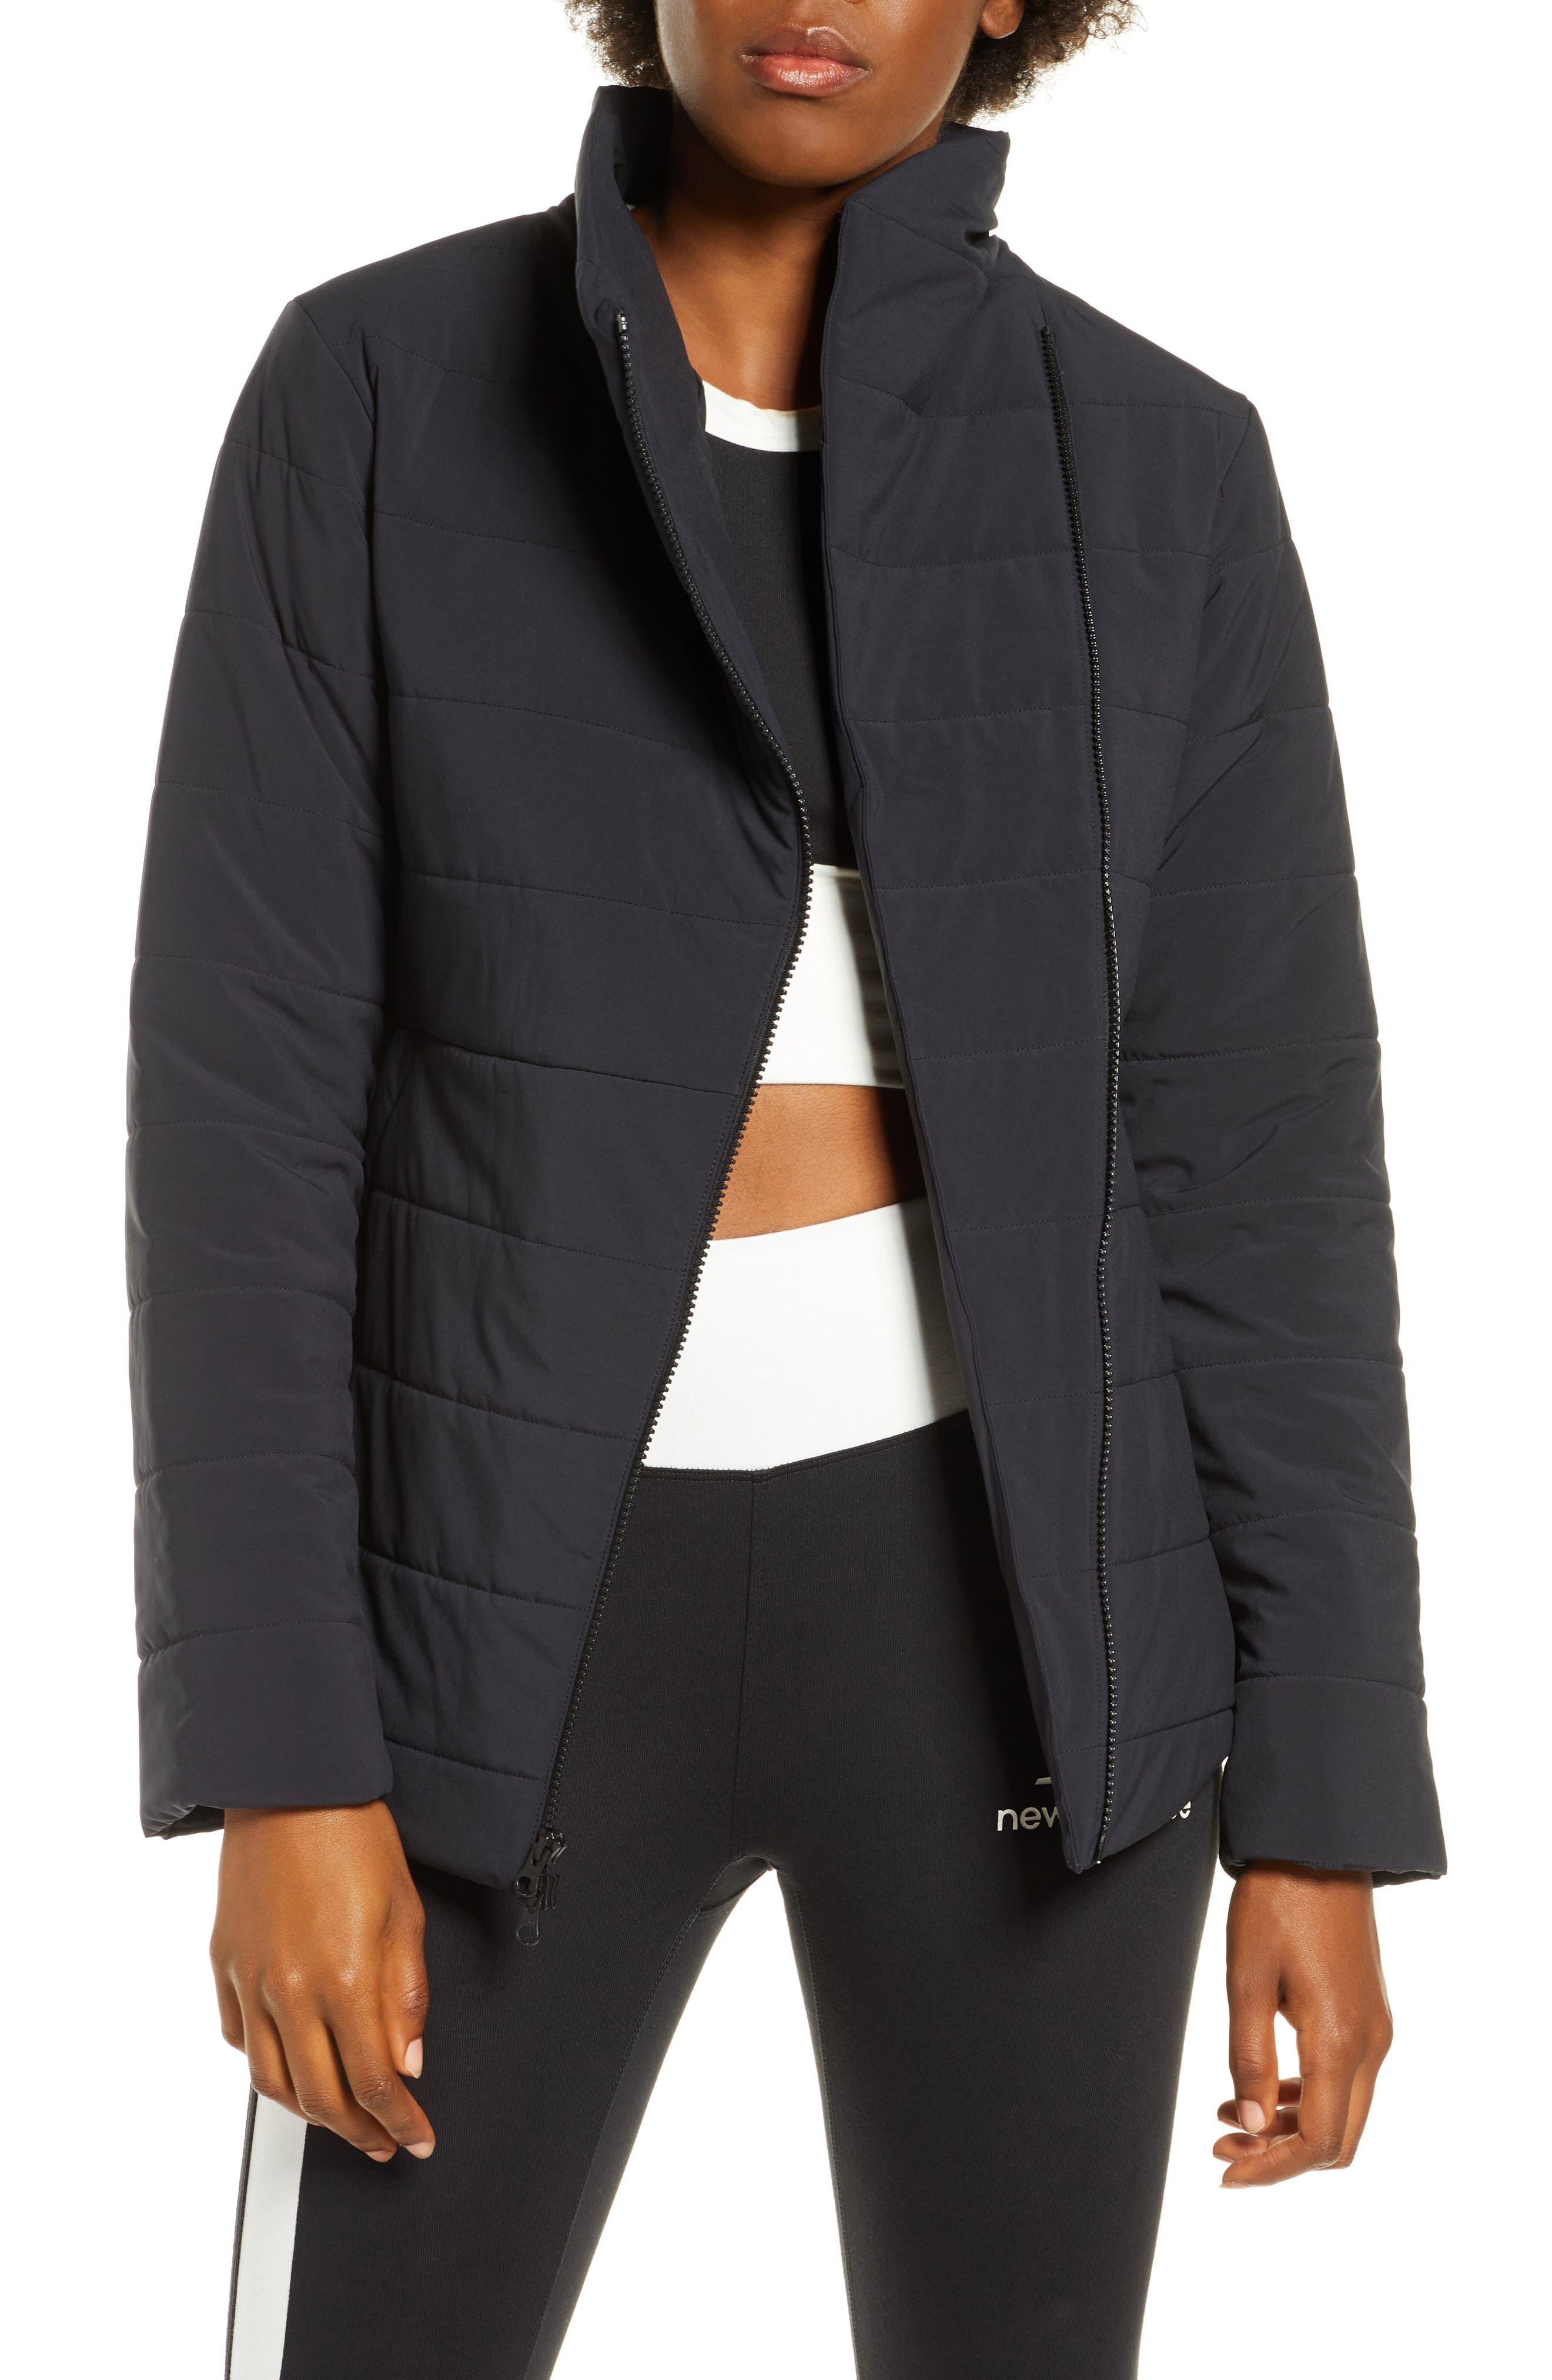 Image of New Balance Heat Flex Asymmetrical Zip Jacket